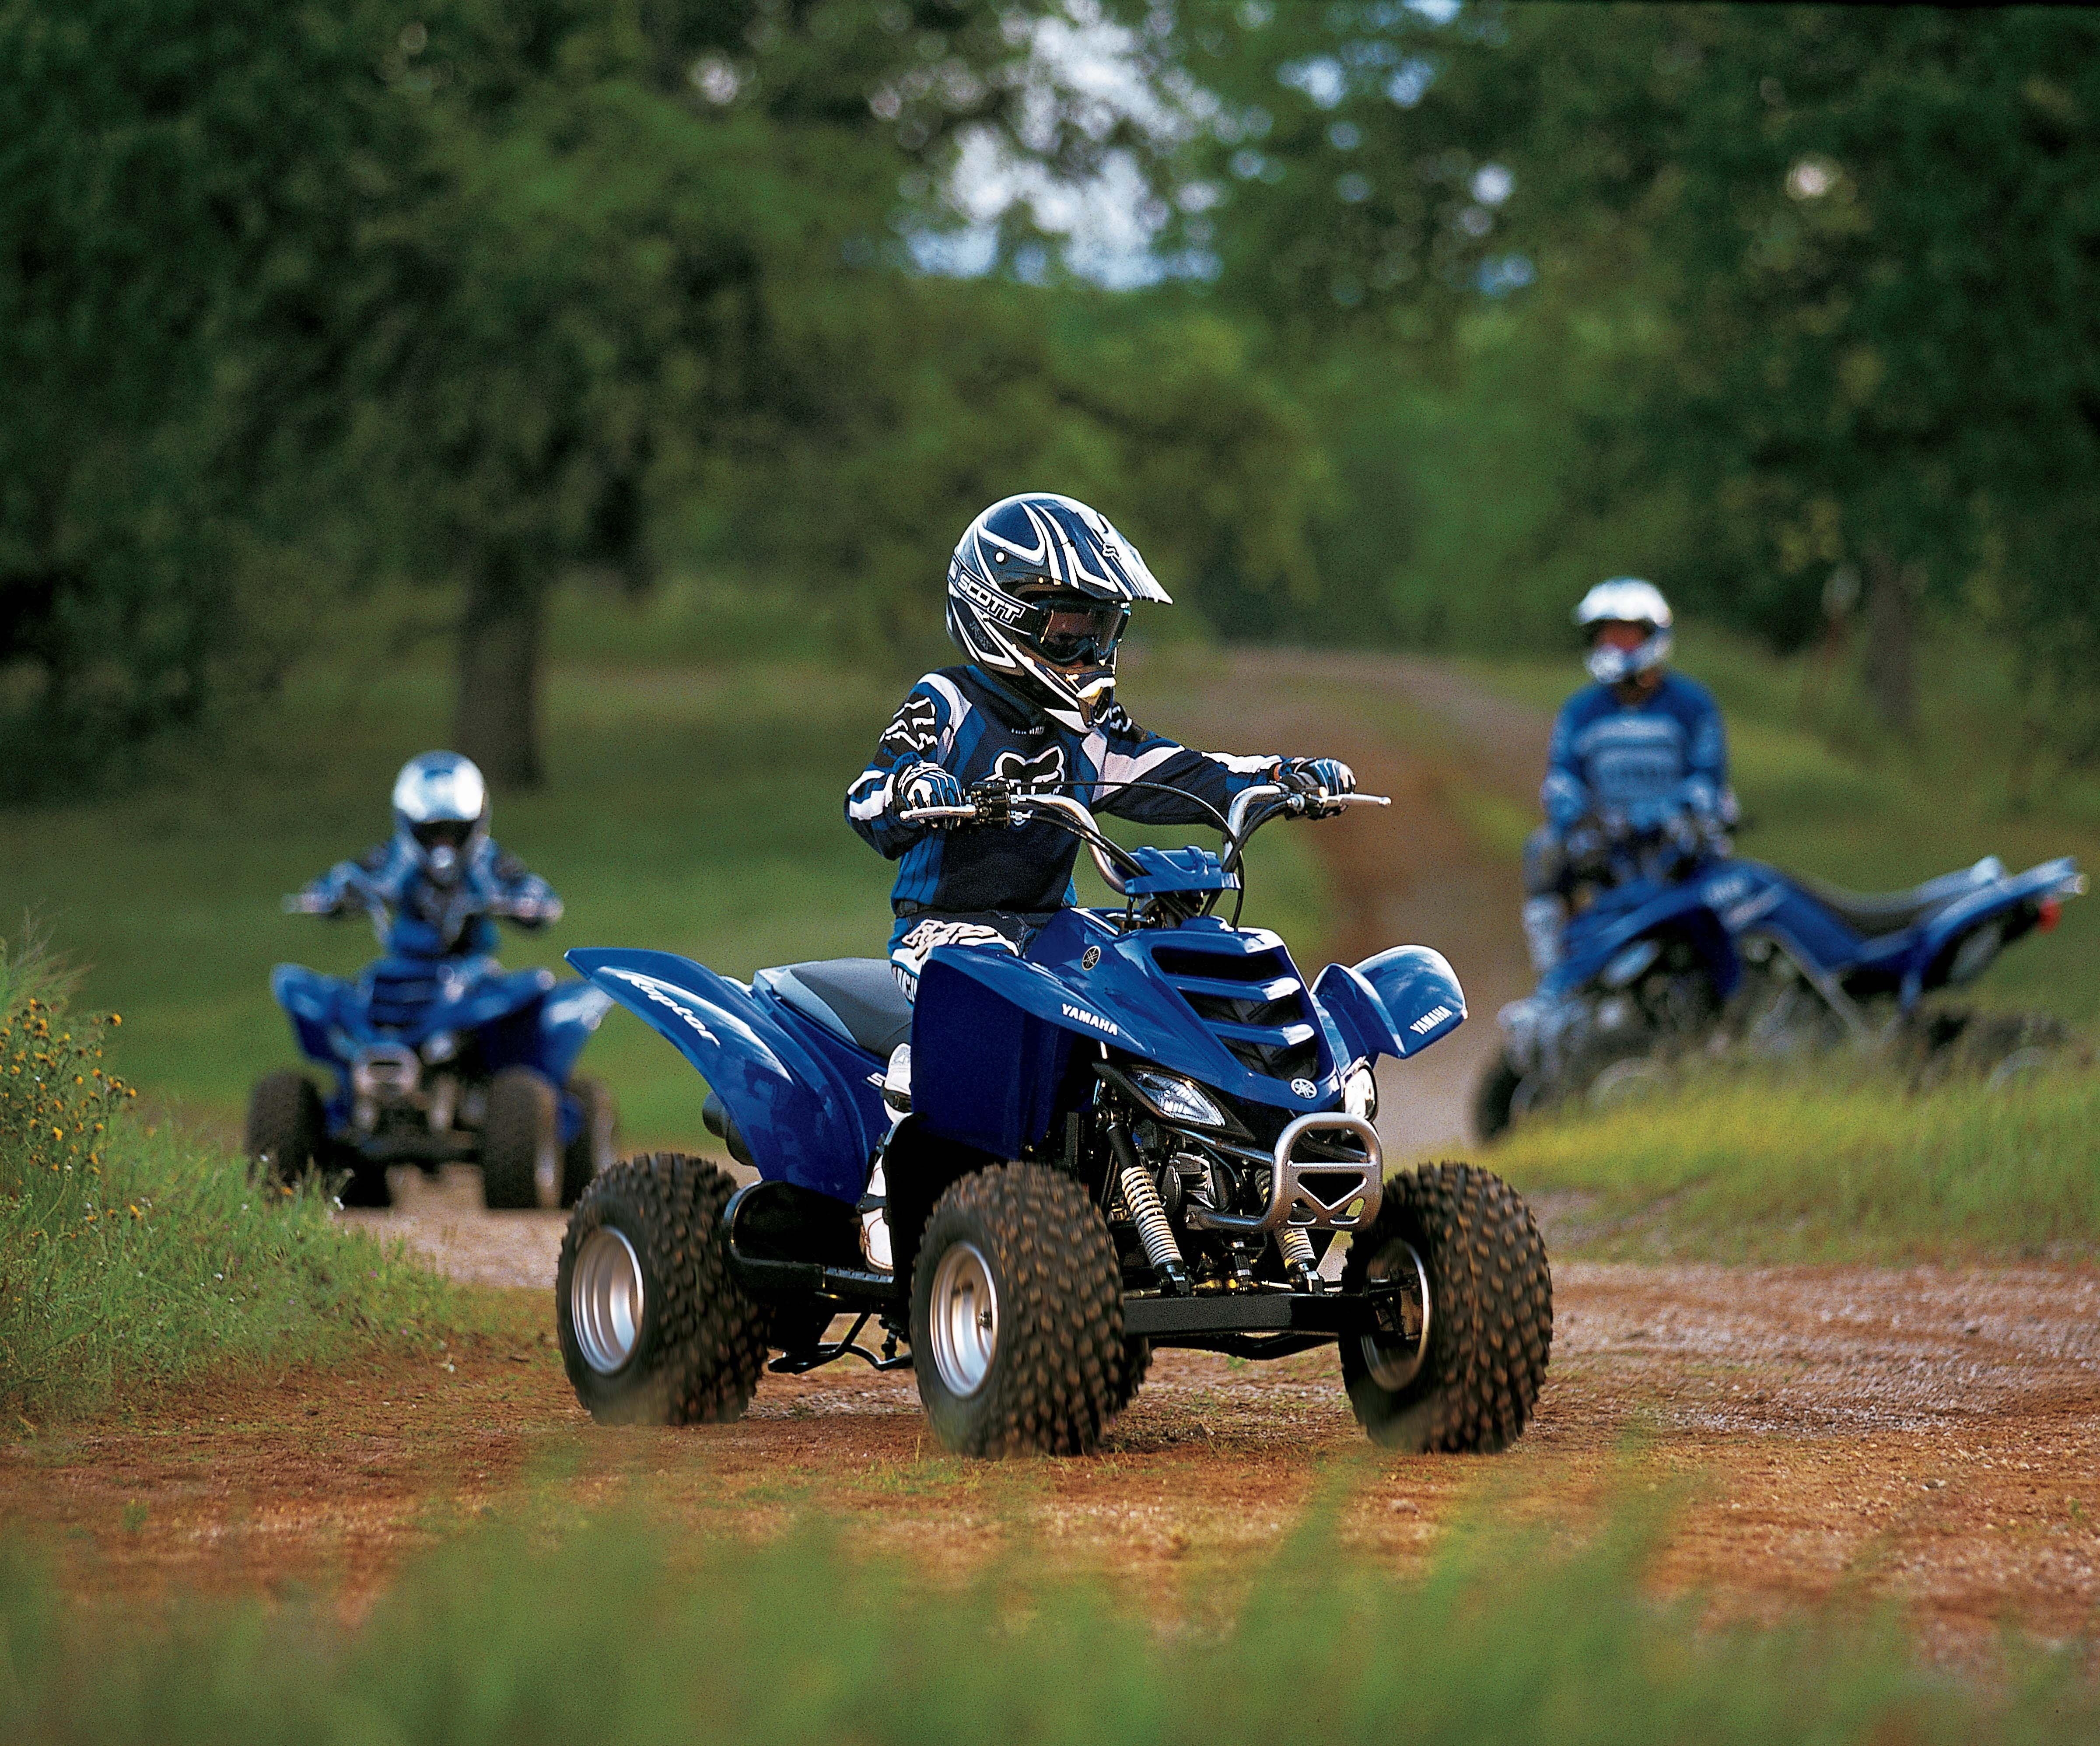 Фото квадроциклов для детей 15 лет